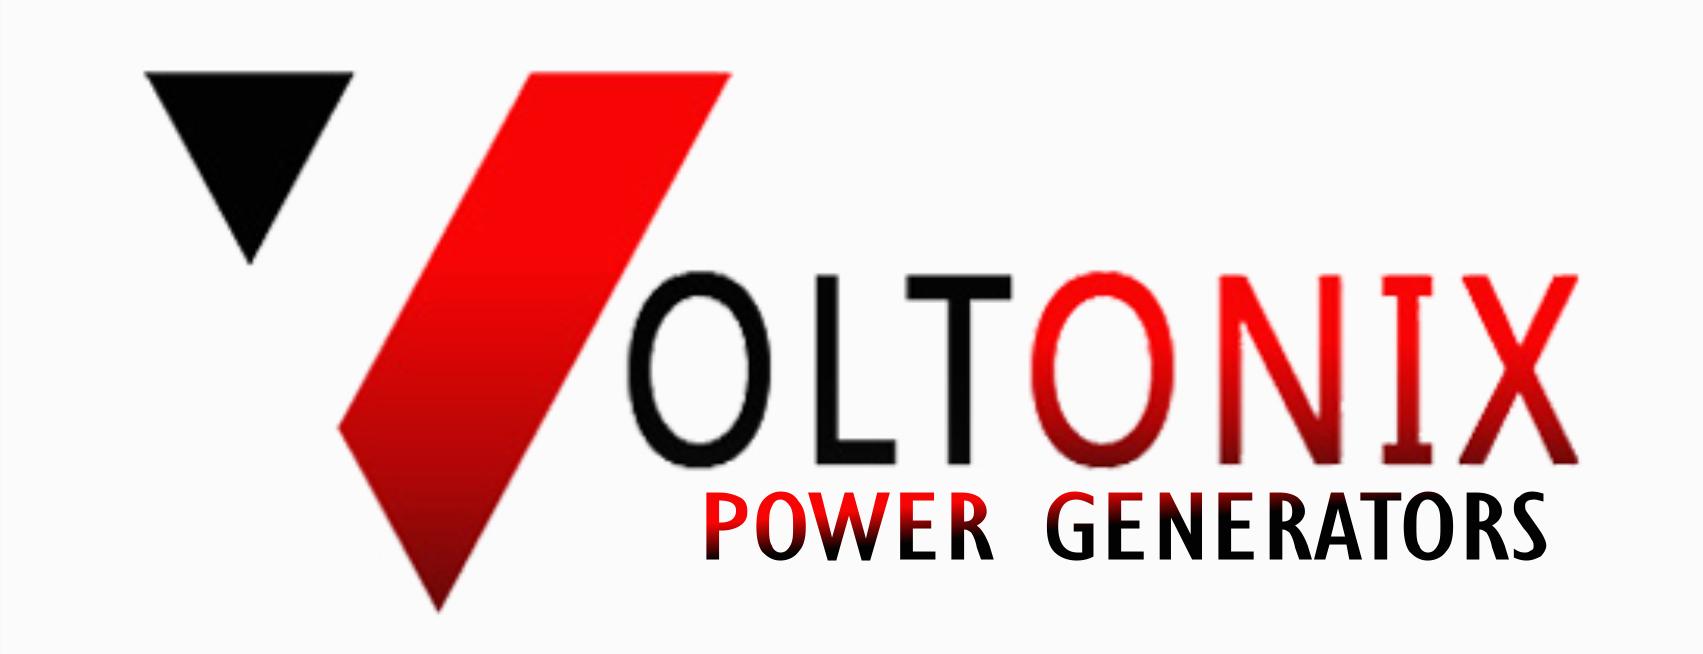 Voltonix Power Generators logo